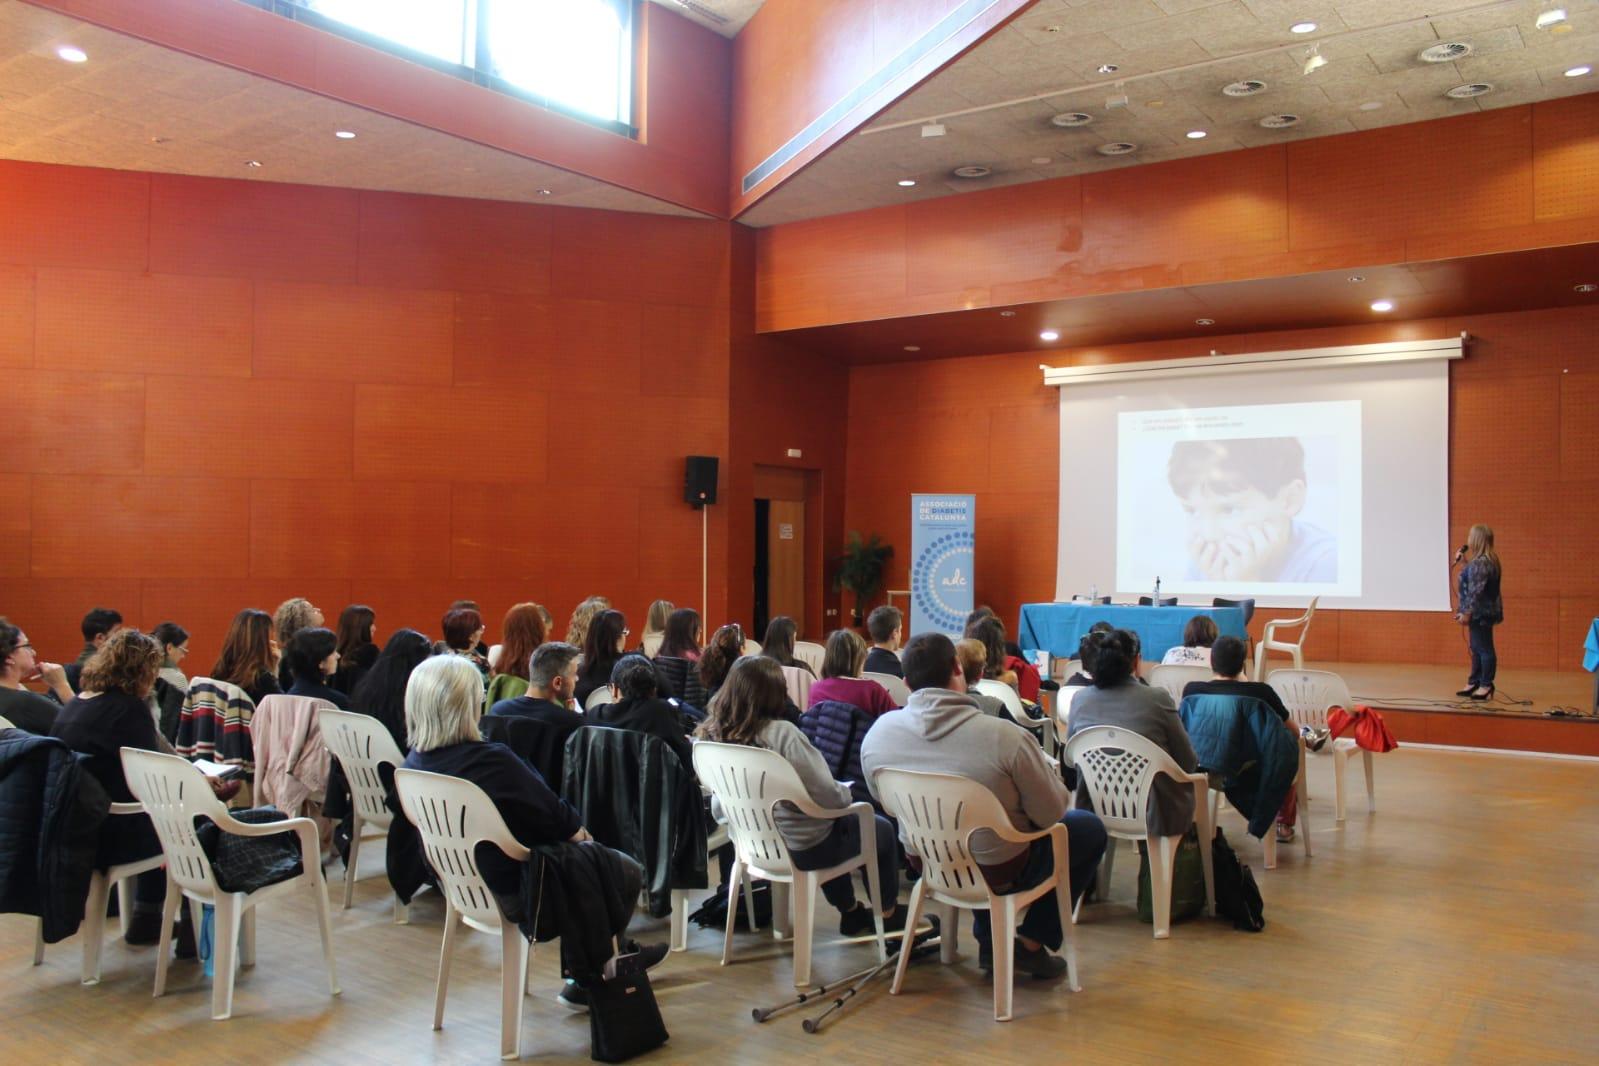 ADC Lleida, formació de diabetis i escola, assistents.